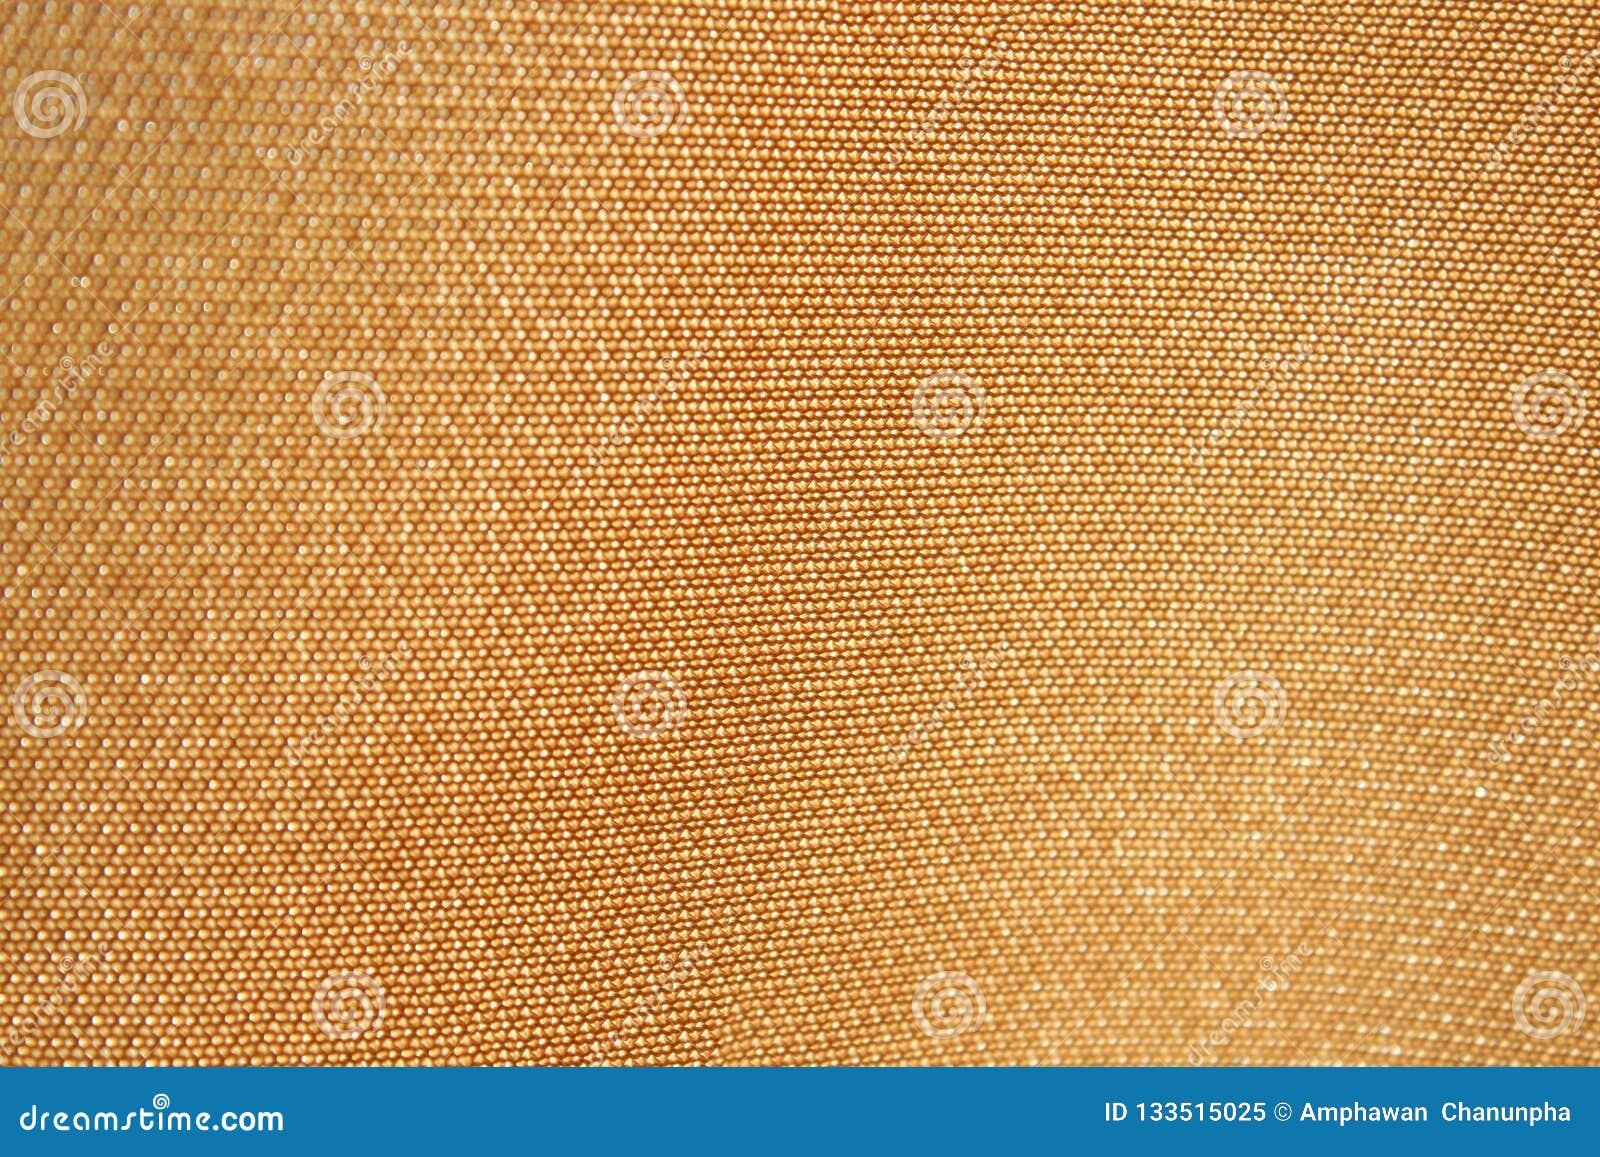 Textuur gouden stof